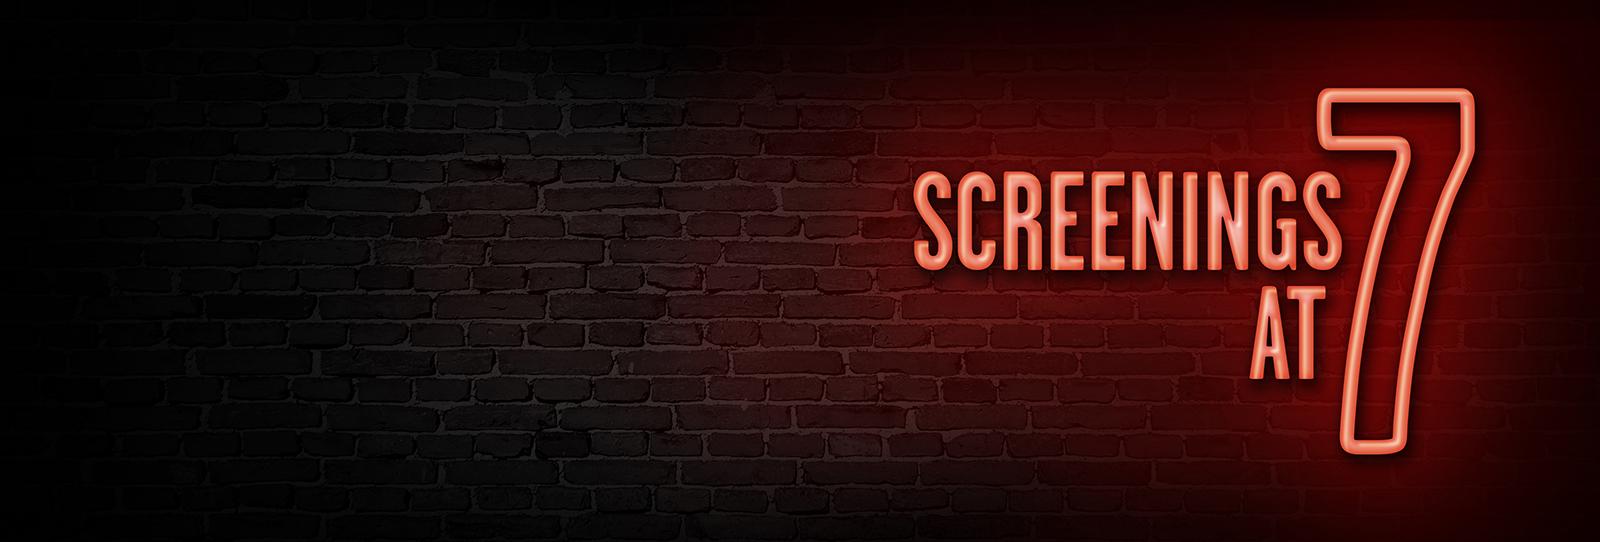 Screenings at 7